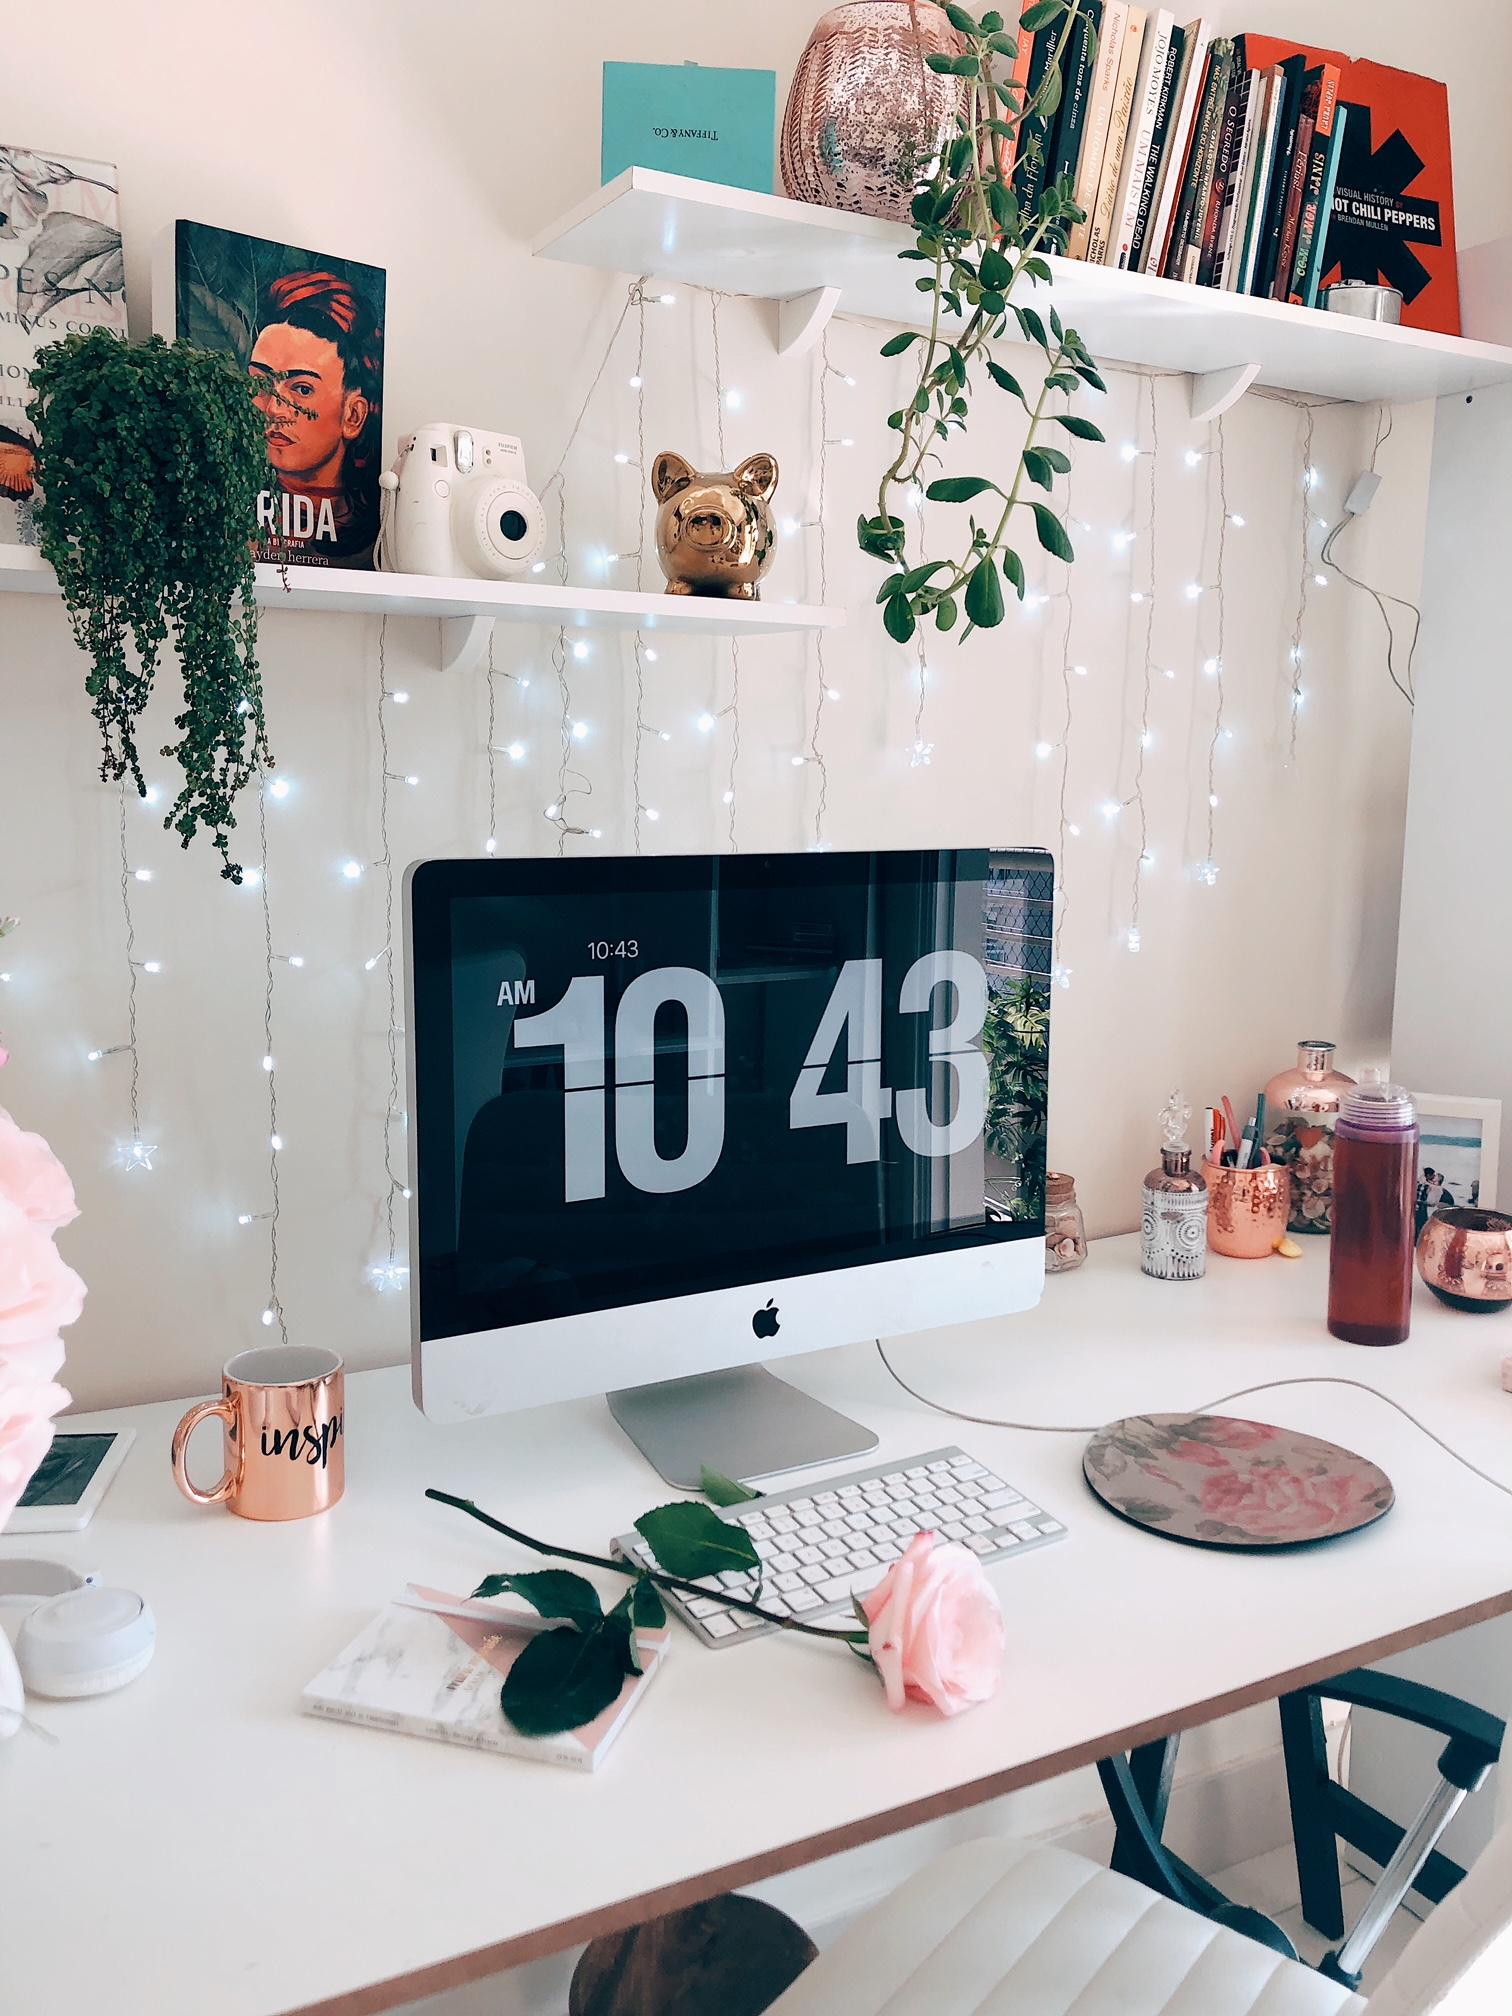 computador para home office imac